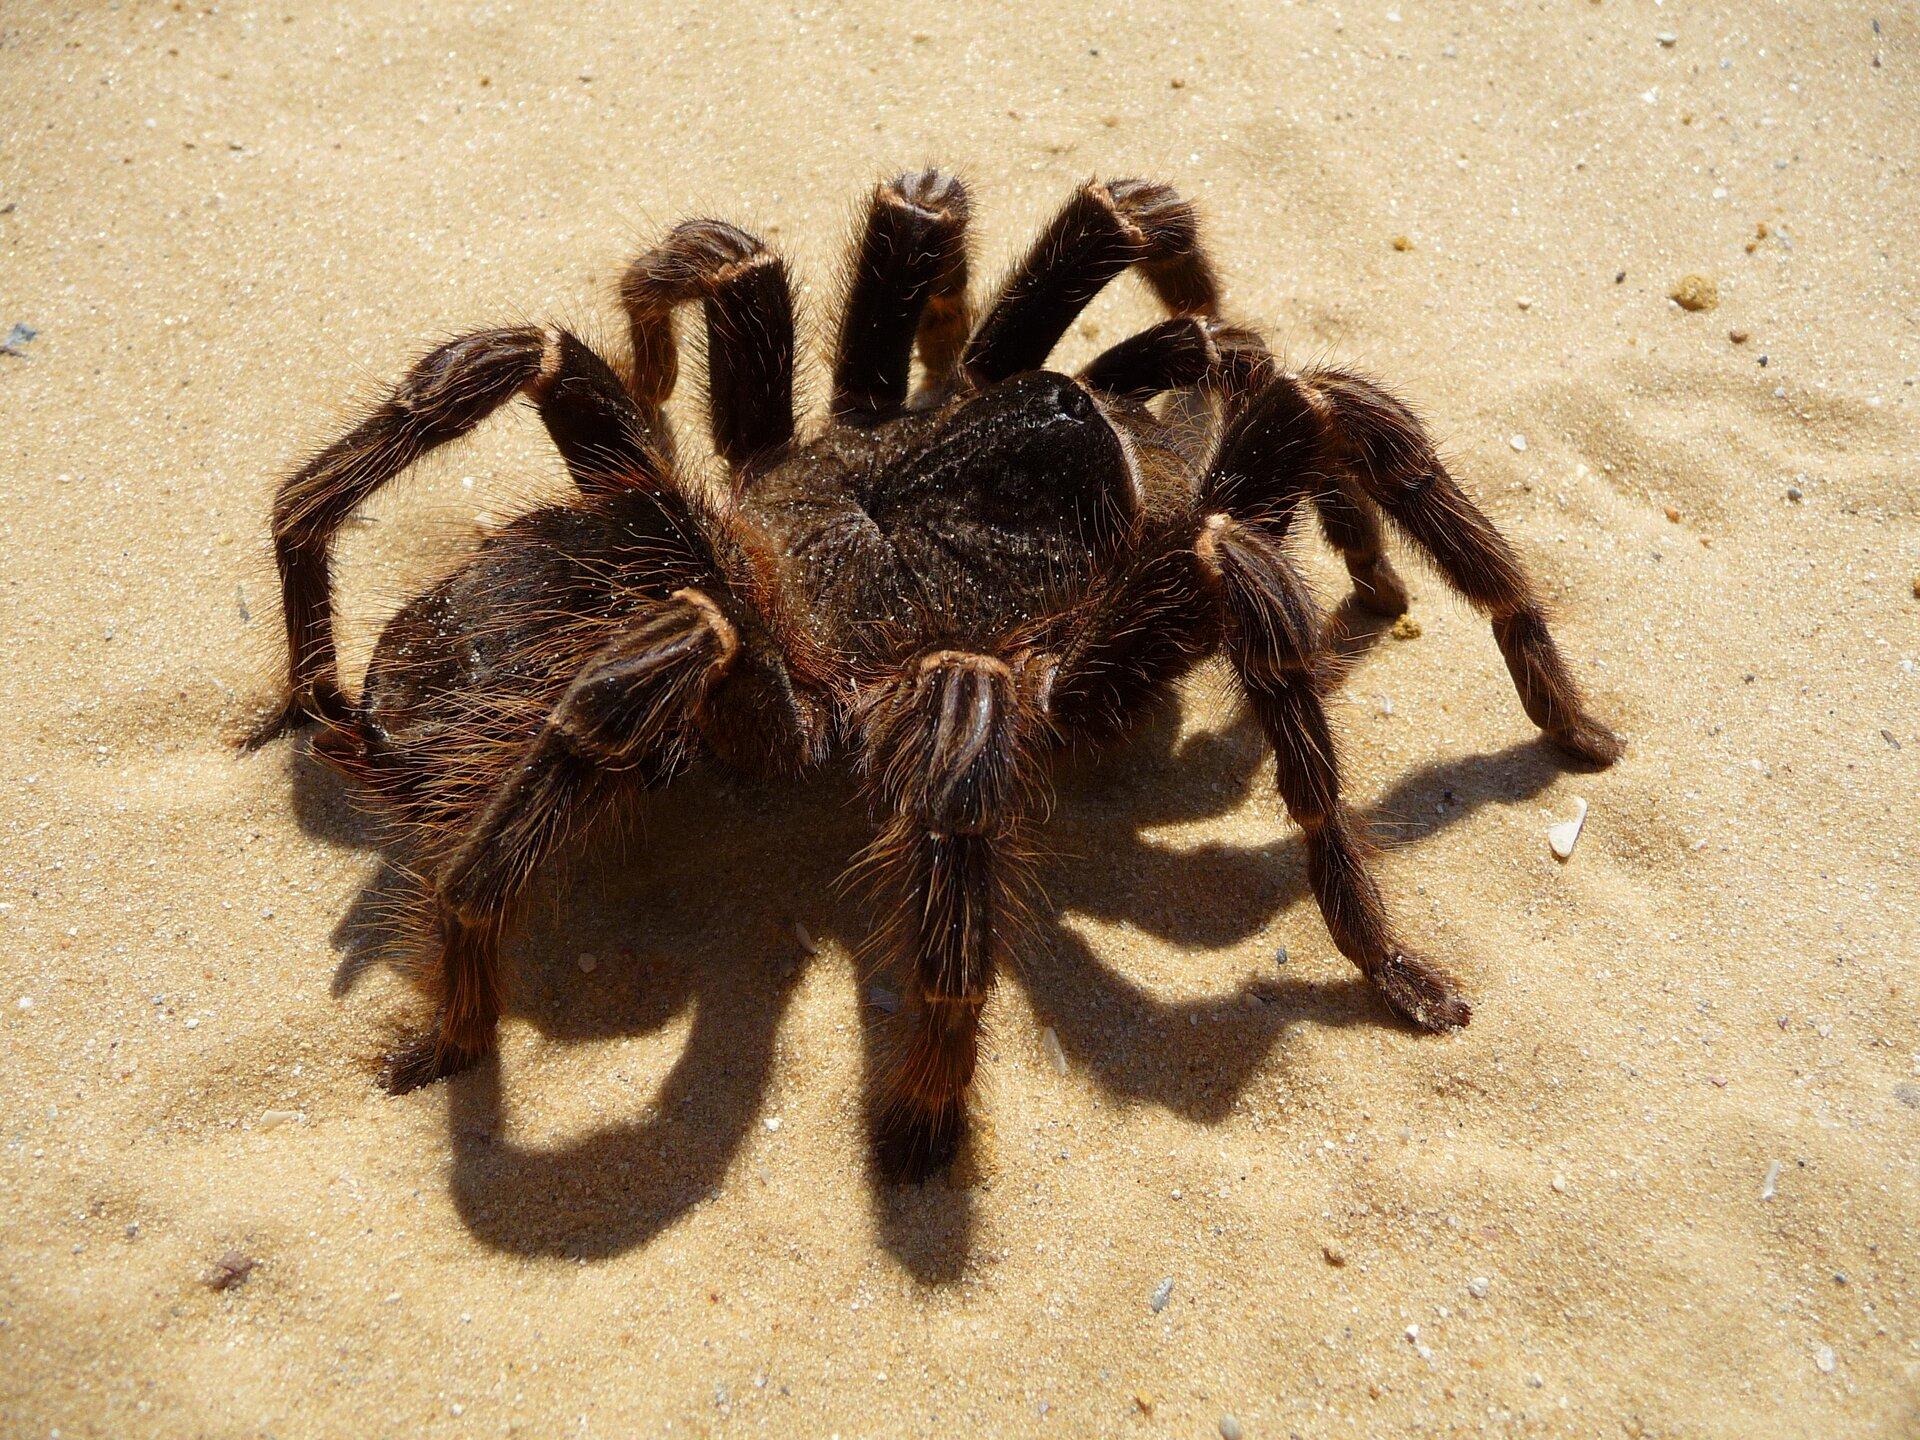 Galeria składa się zfotografii przedstawicieli pajęczaków. Fotografia przedstawia lekko ukosem grubego, rudo owłosionego, ciemnobrązowego pająka na piasku. To ptasznik. Jego odnóża gębowe po prawej są niemal tak długie jak odnóża kroczne.